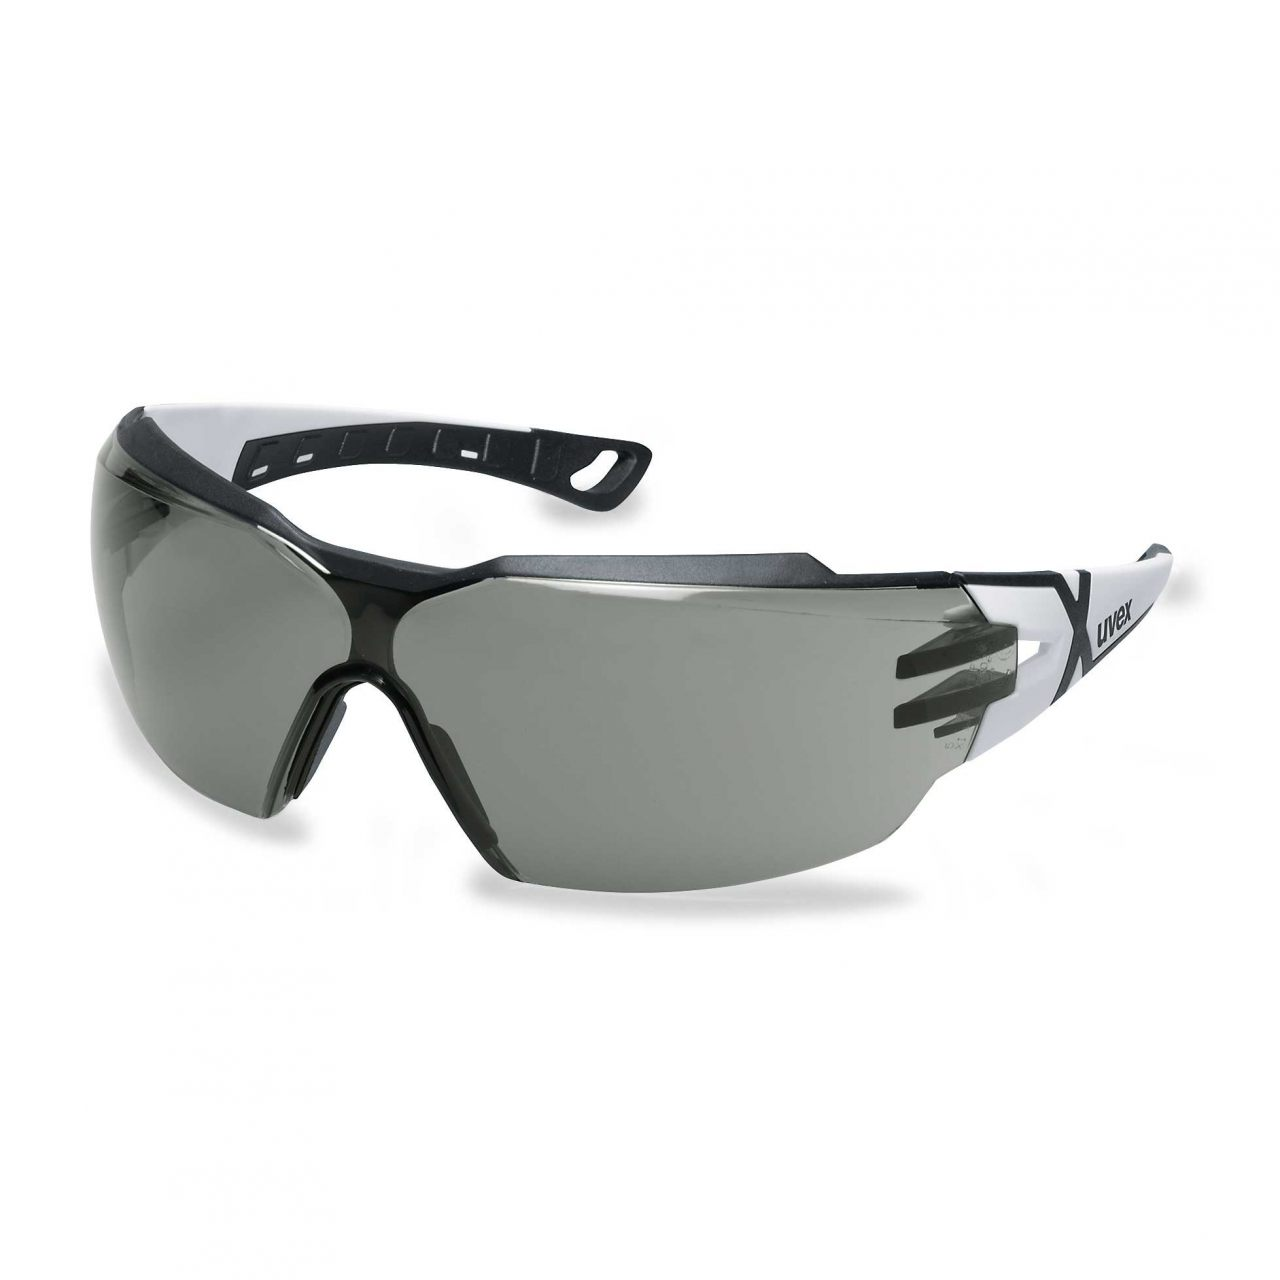 UVEX aizsargbrilles Pheos CX2, tumsa leca, supravision excellence (pretaizsvistosas, pretskrapejosas) balts/melns, RT Instrumentu apstrādei